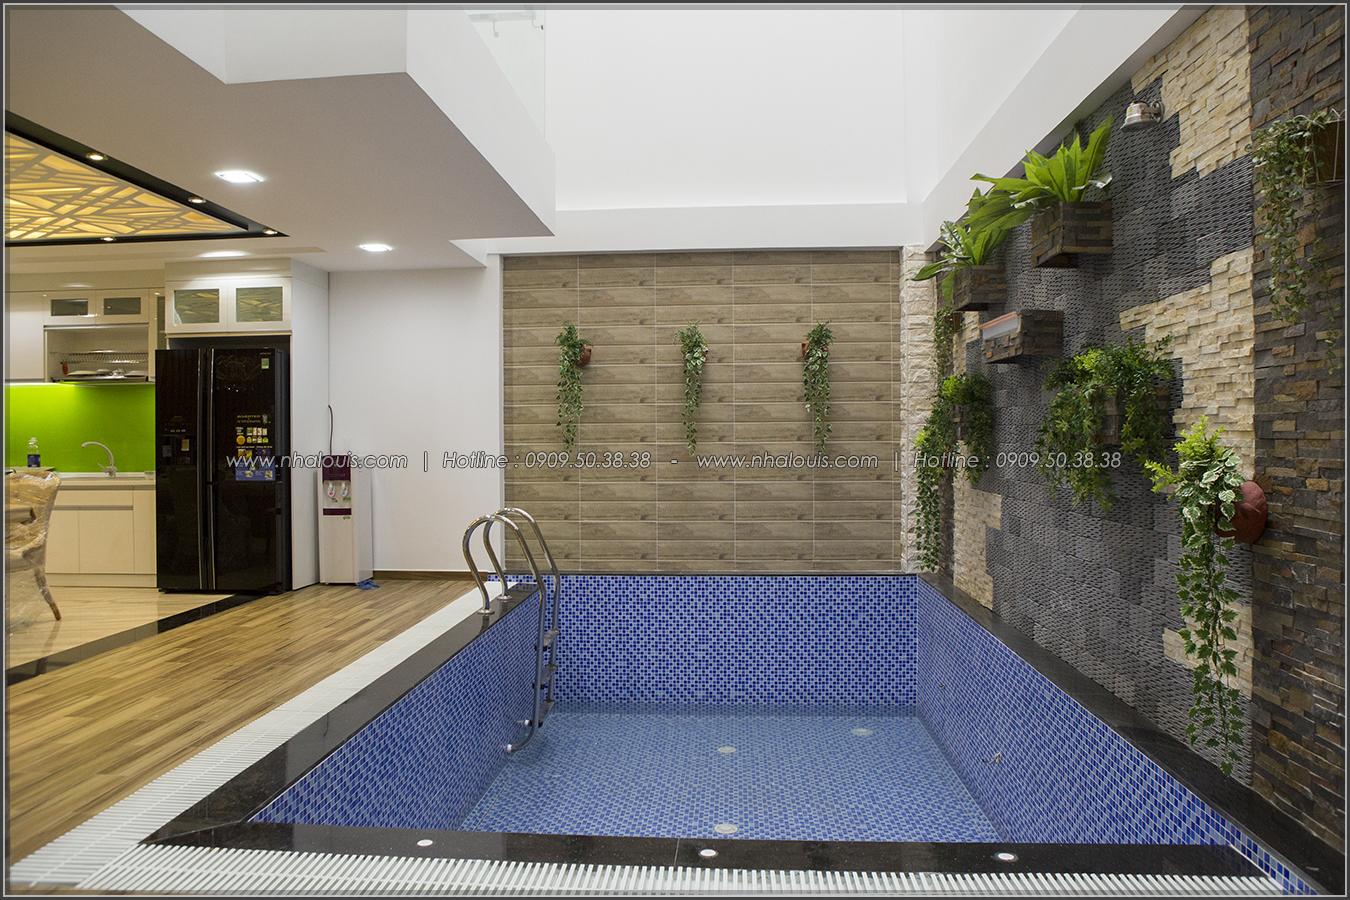 Thiết kế và thi công biệt thự phố đẹp với hồ bơi xanh mát tại Tân Bình - 09